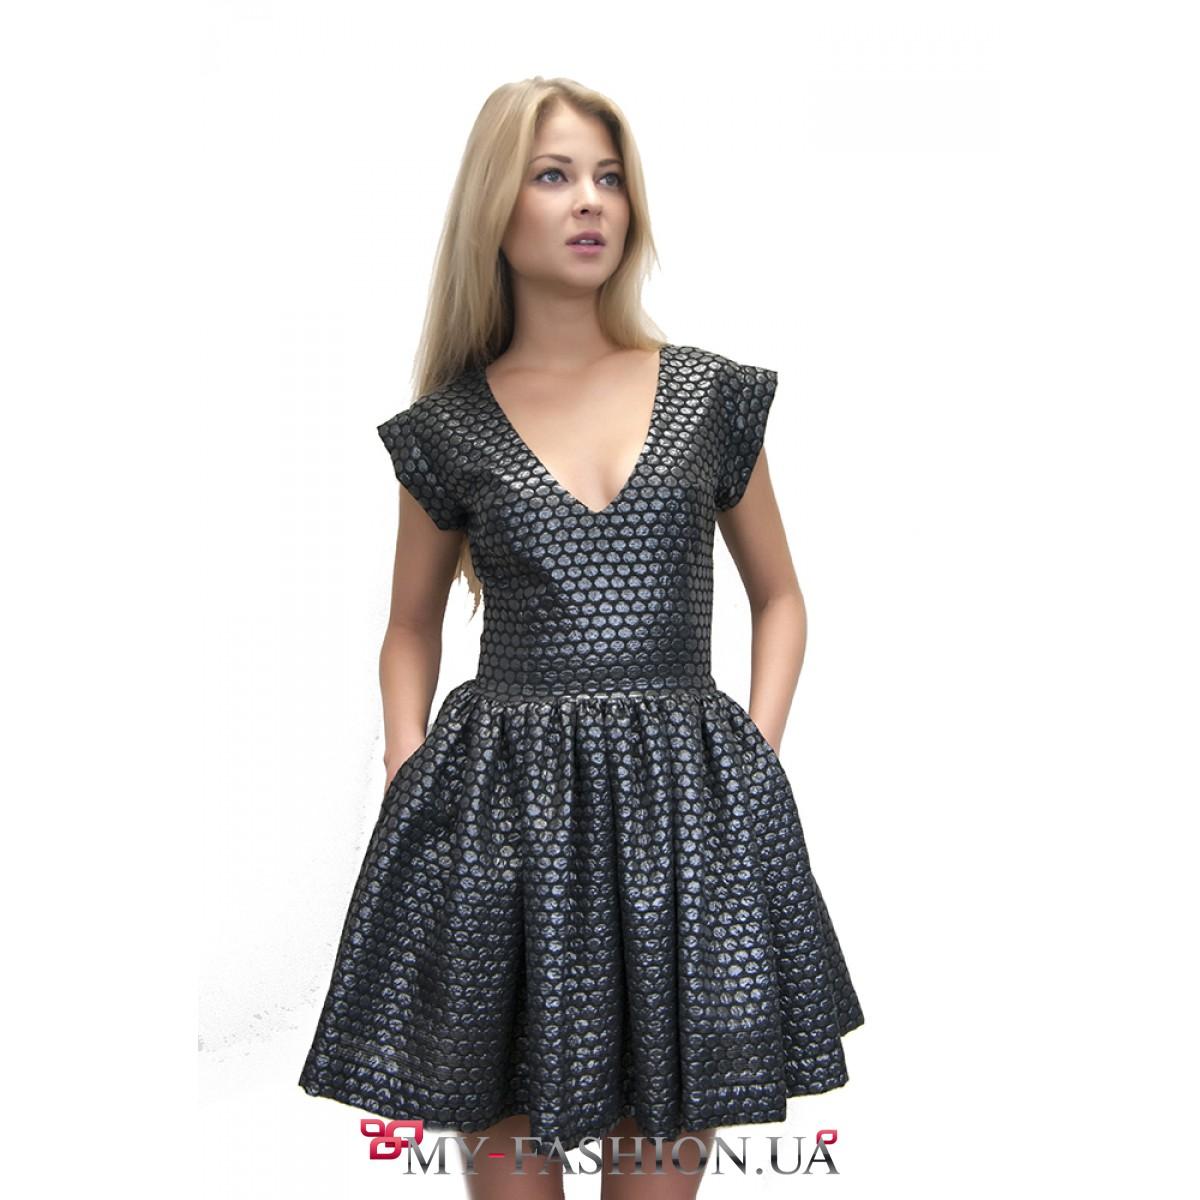 Модель платья с пышной юбкой